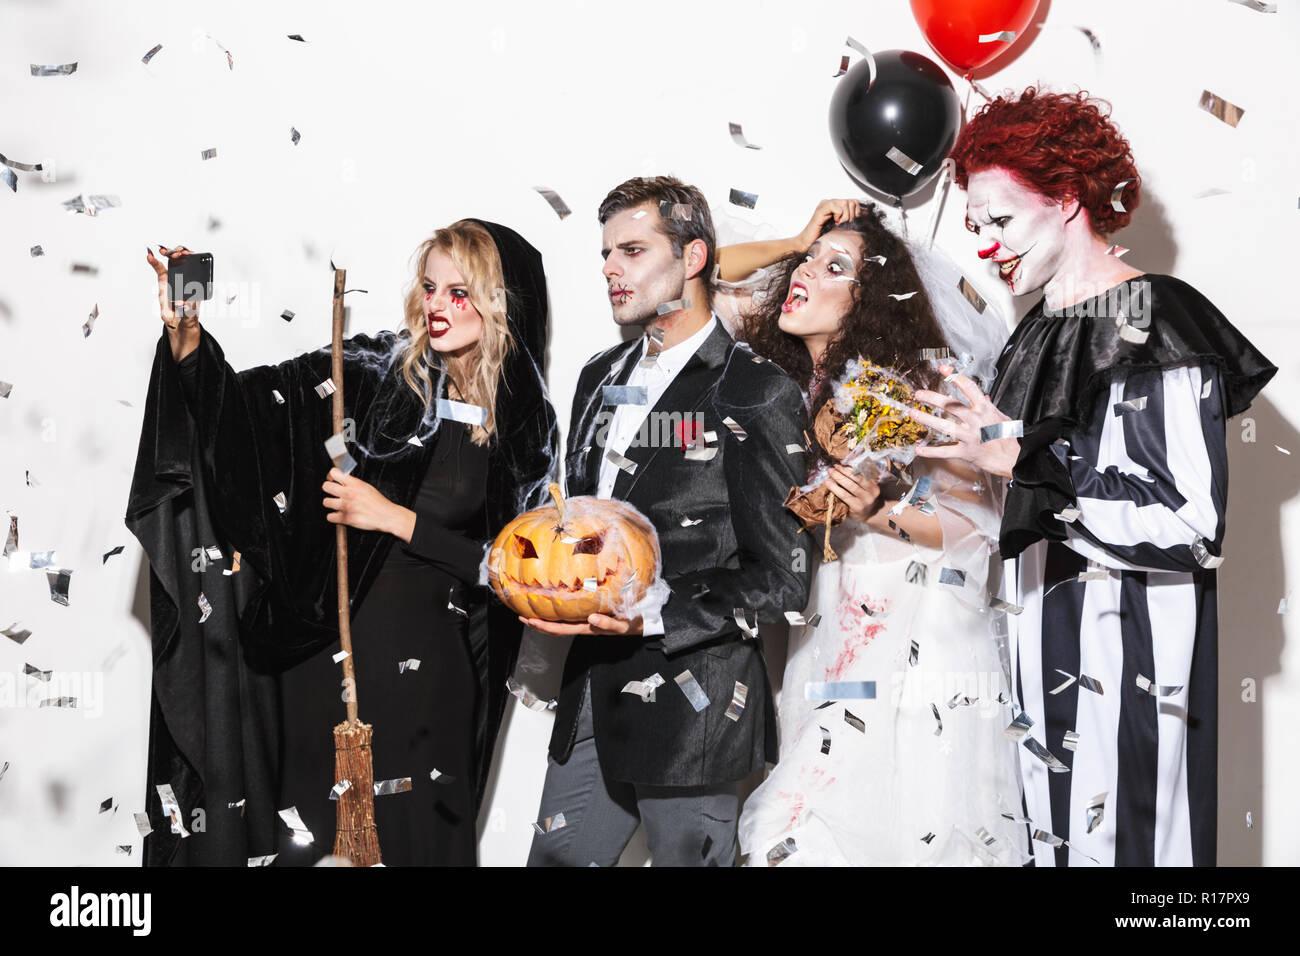 Costumi Halloween Di Gruppo.Gruppo Di Entusiasti Amici Vestito In Costumi Spaventosi Celebrare